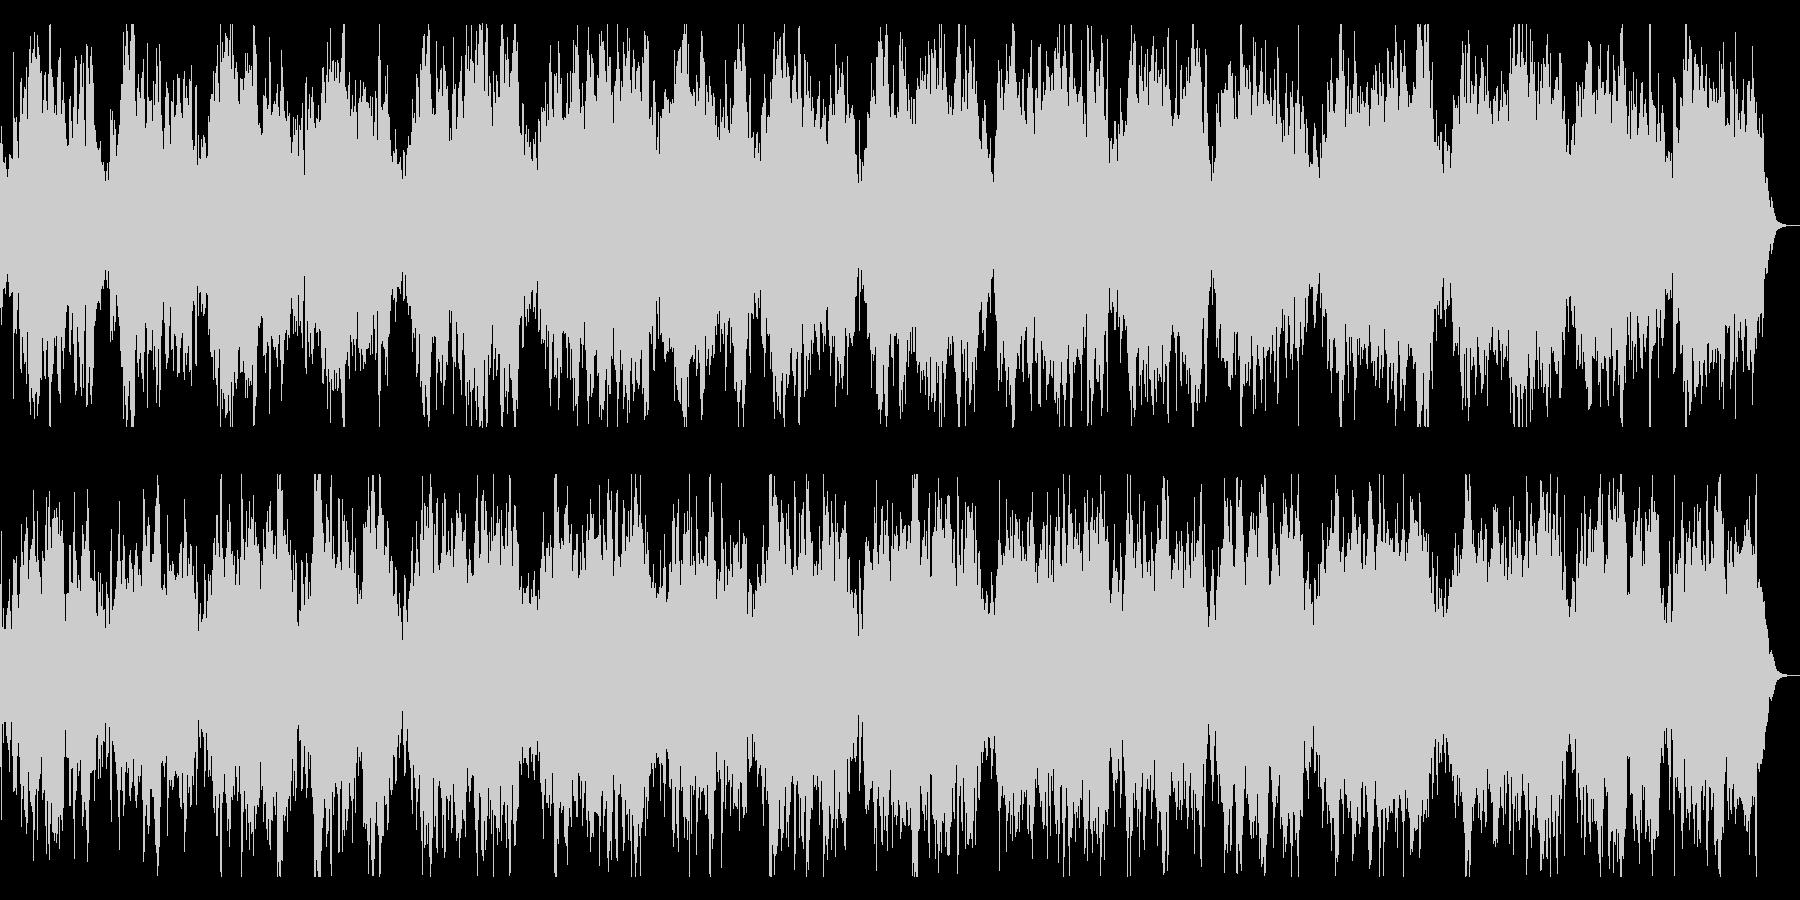 ダークで緩やかなBGM 恐怖感の演出の未再生の波形